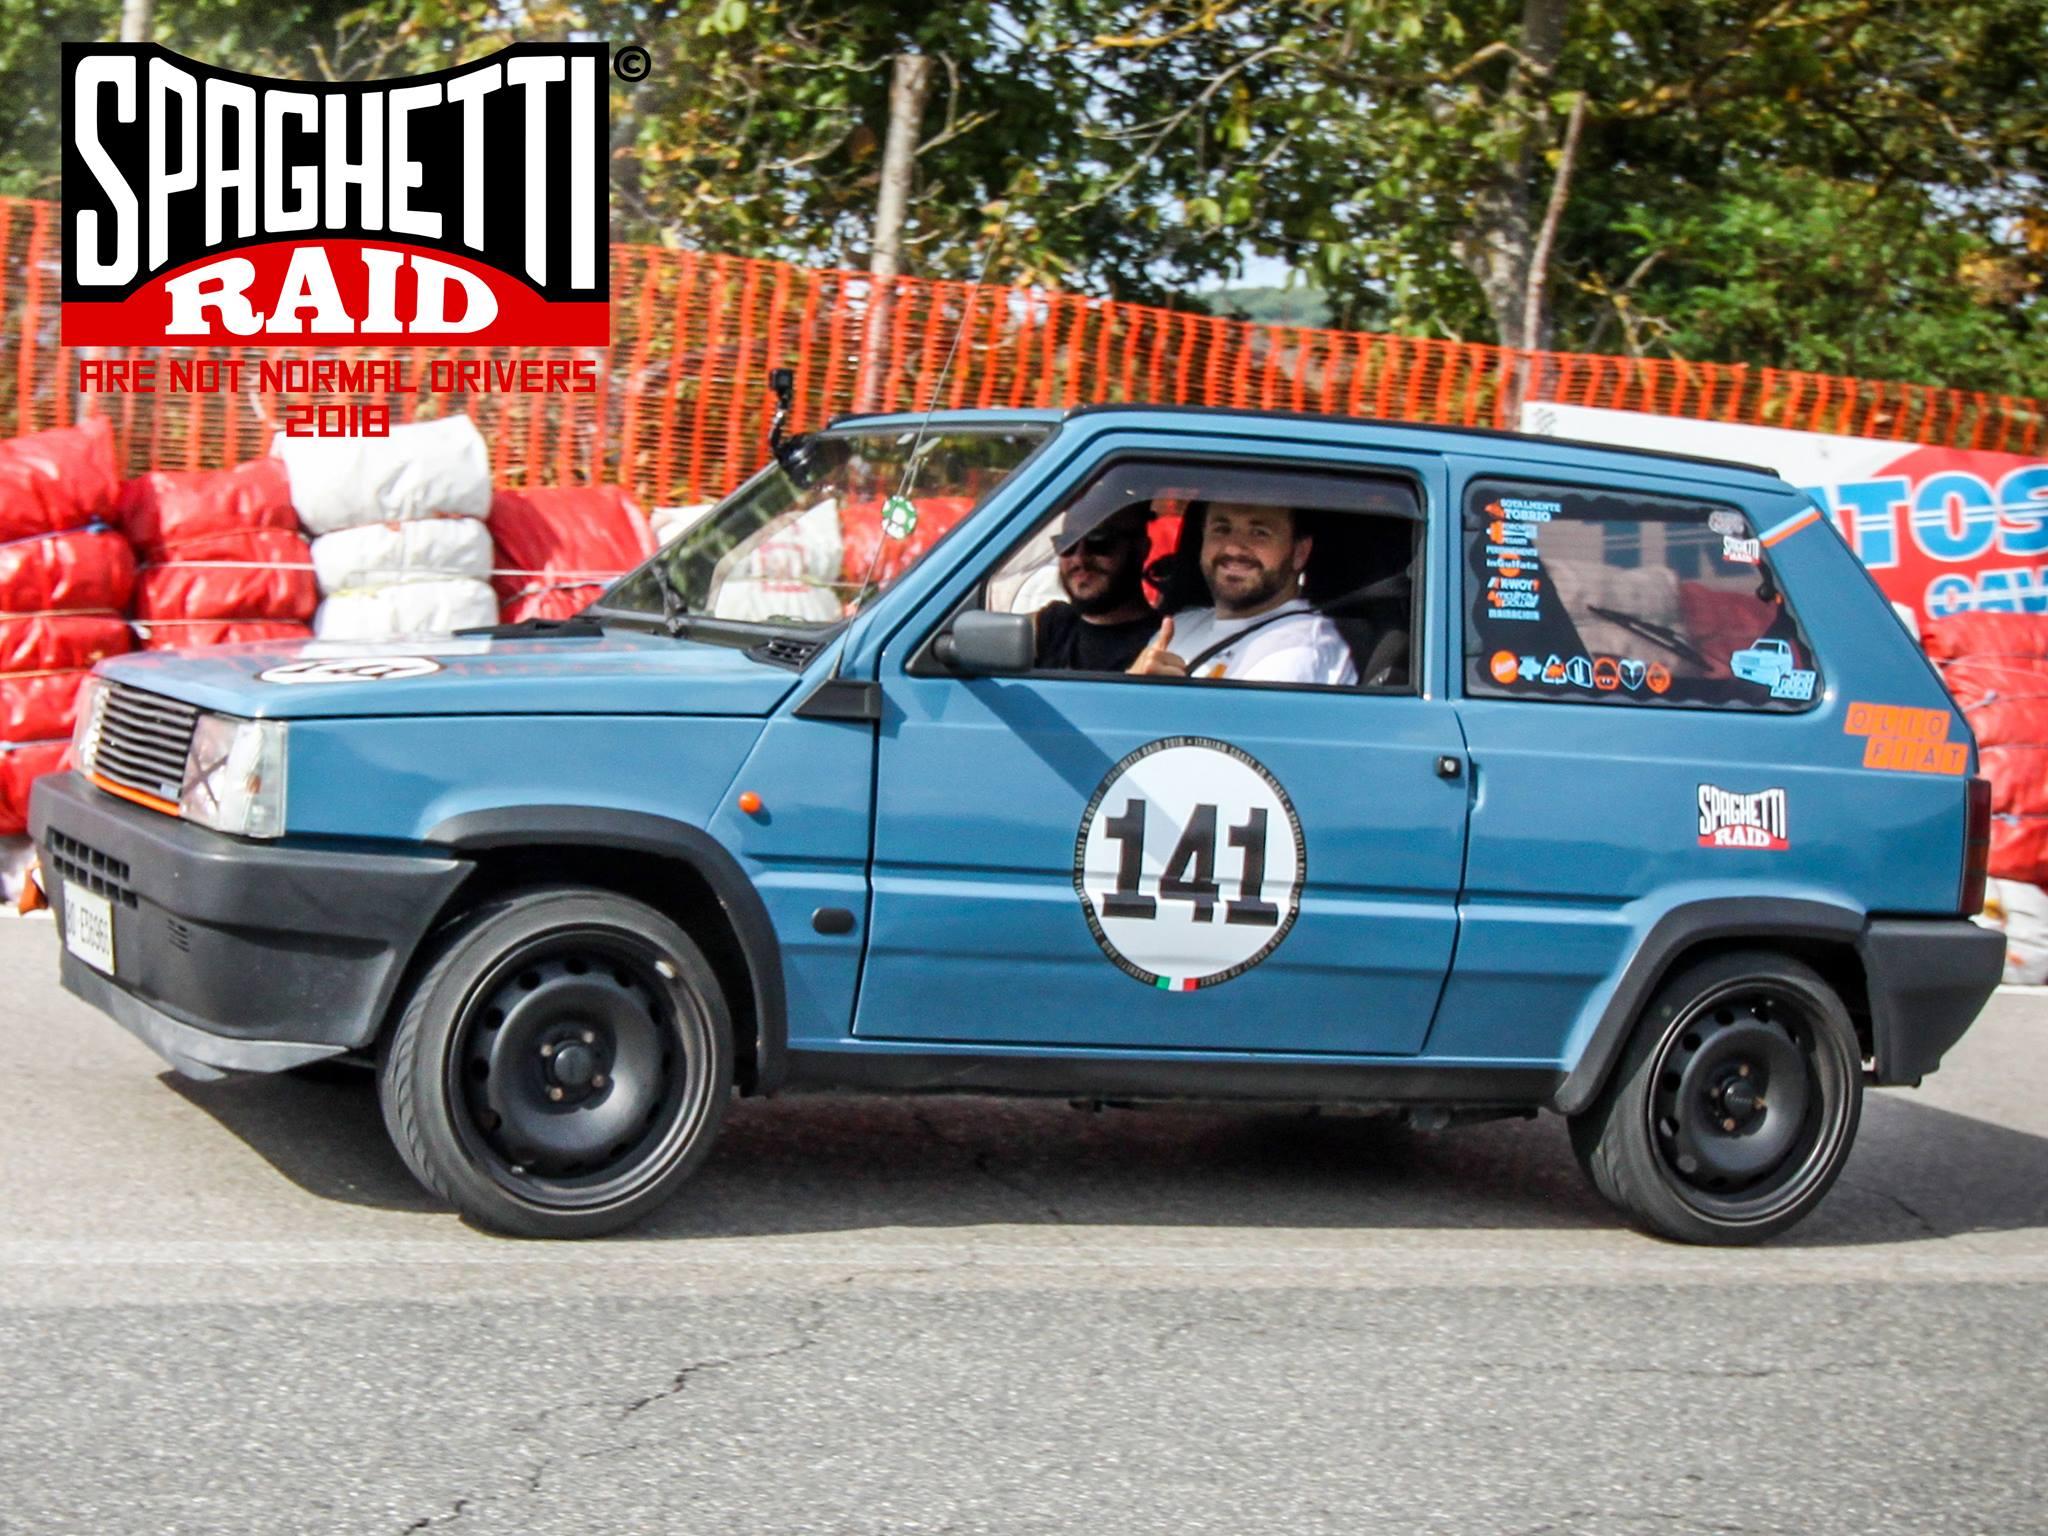 Team FORCHETTE PESANTI #141 FIAT PANDA 750cl del '90 Città: Vergato BO